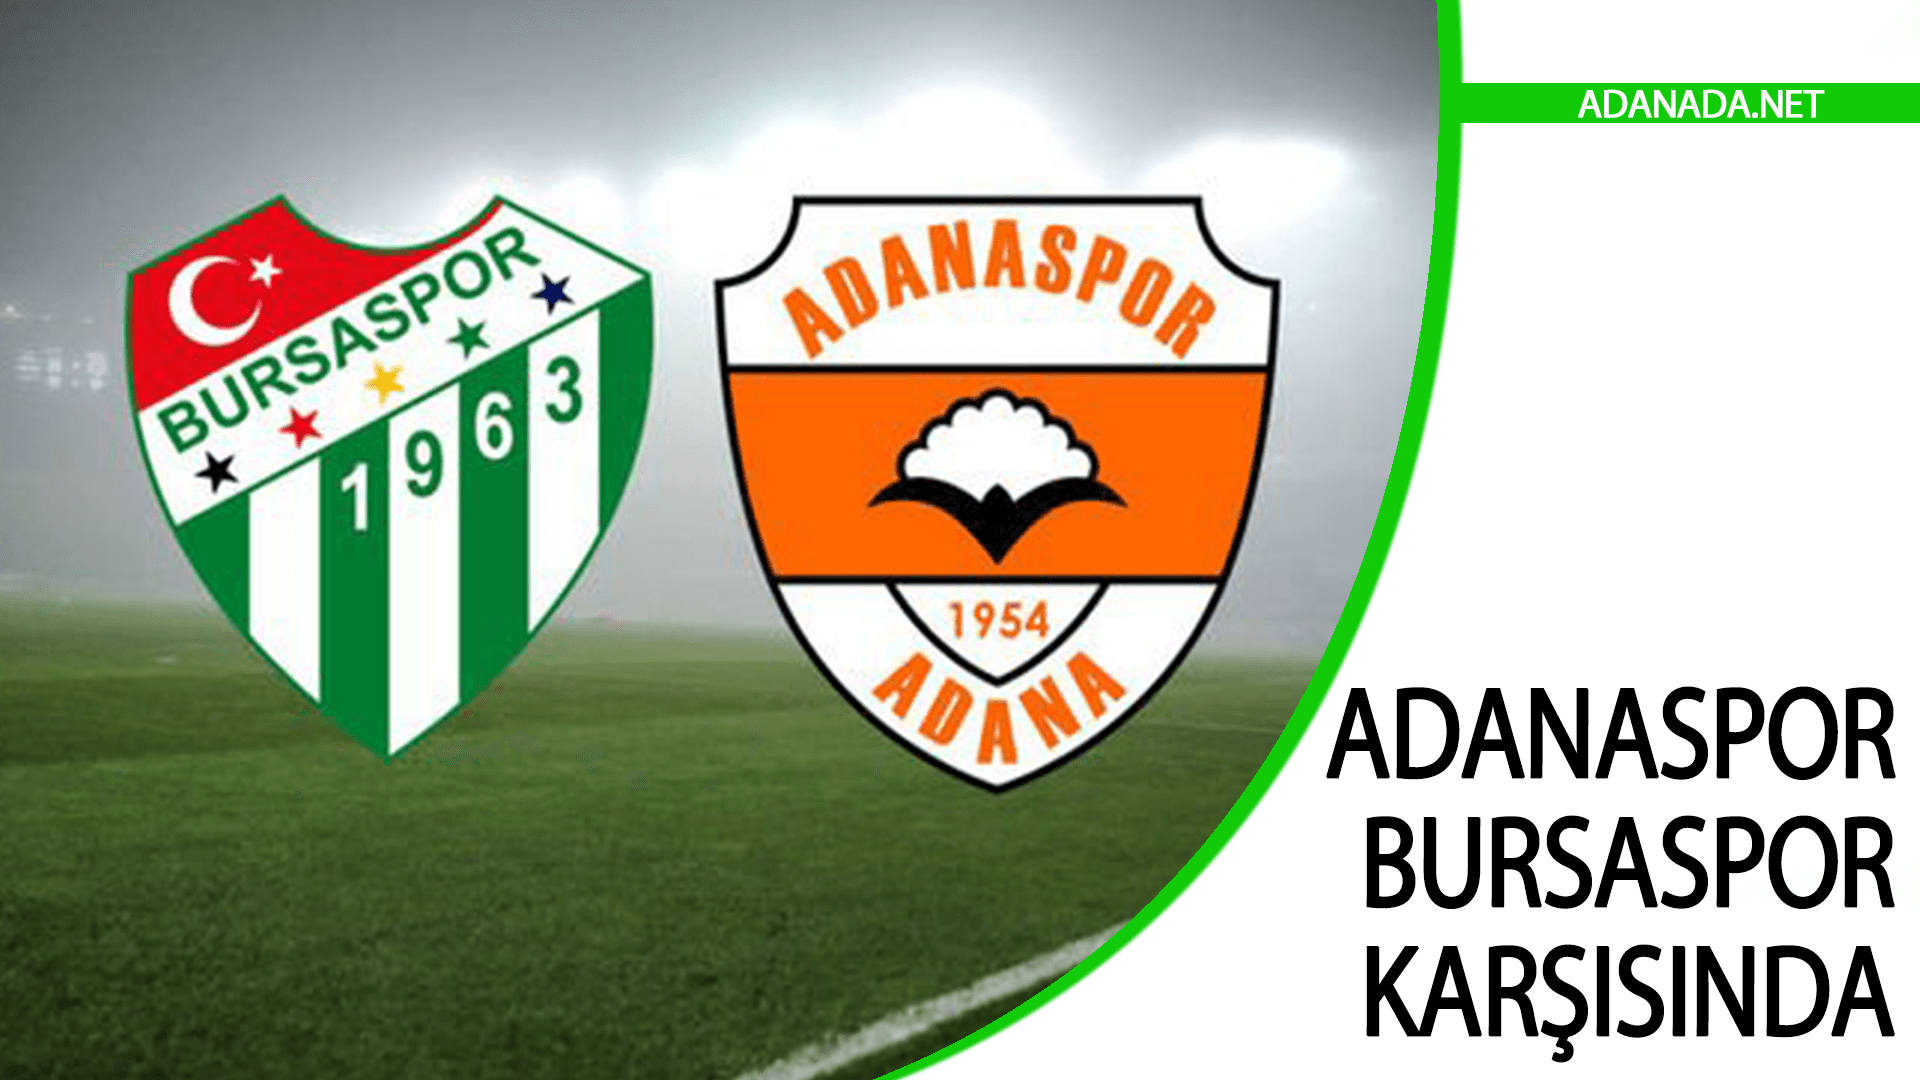 Adanaspor Bursaspor Karşısında